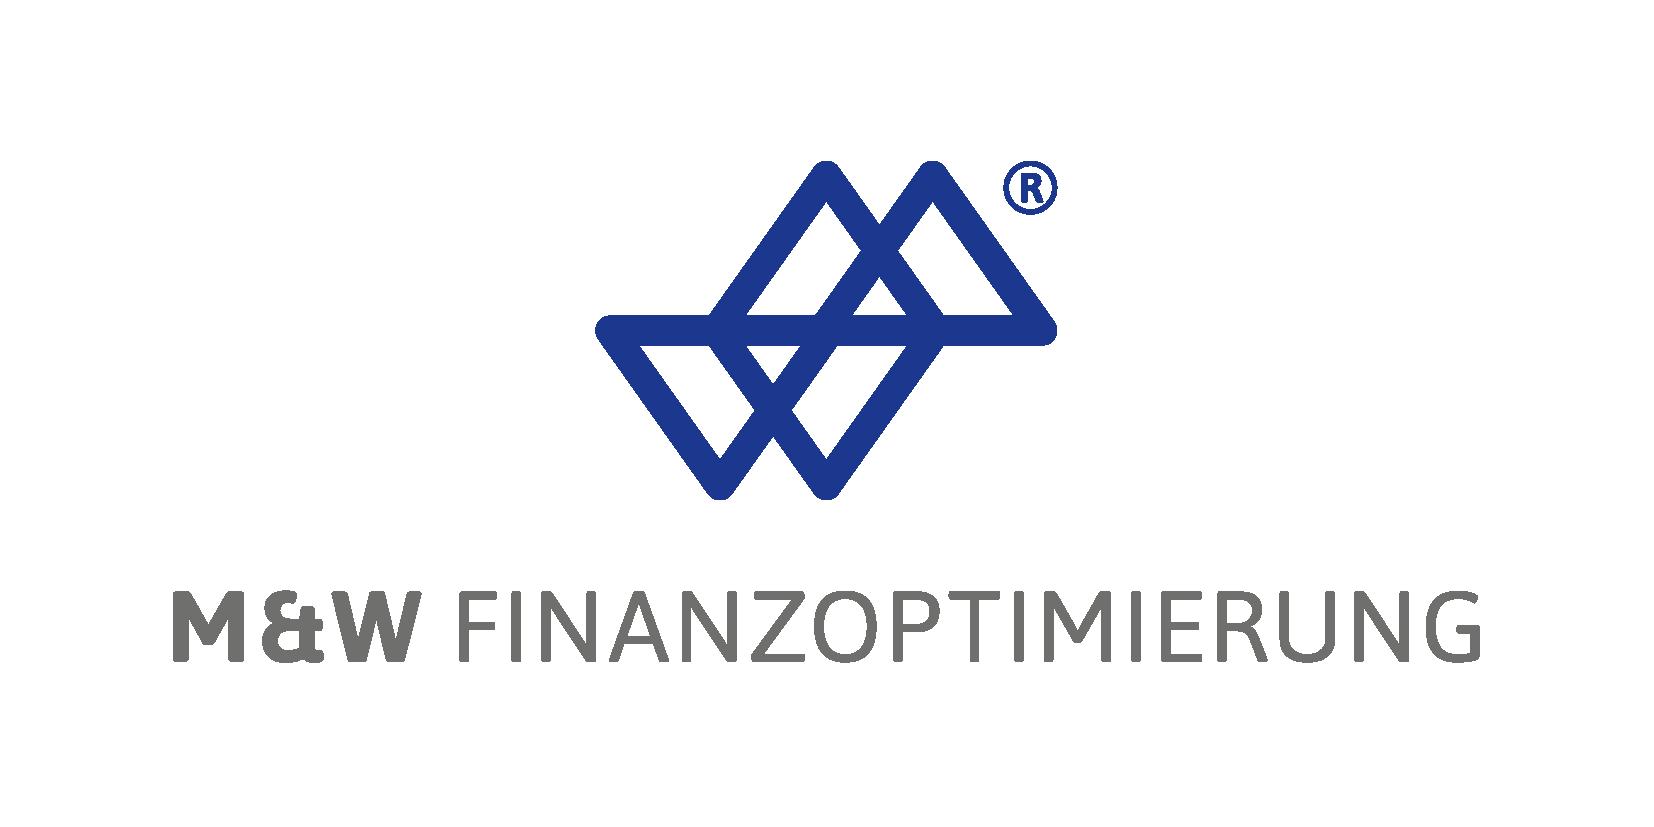 Online vergleichen mit M&W Finanzoptimierung